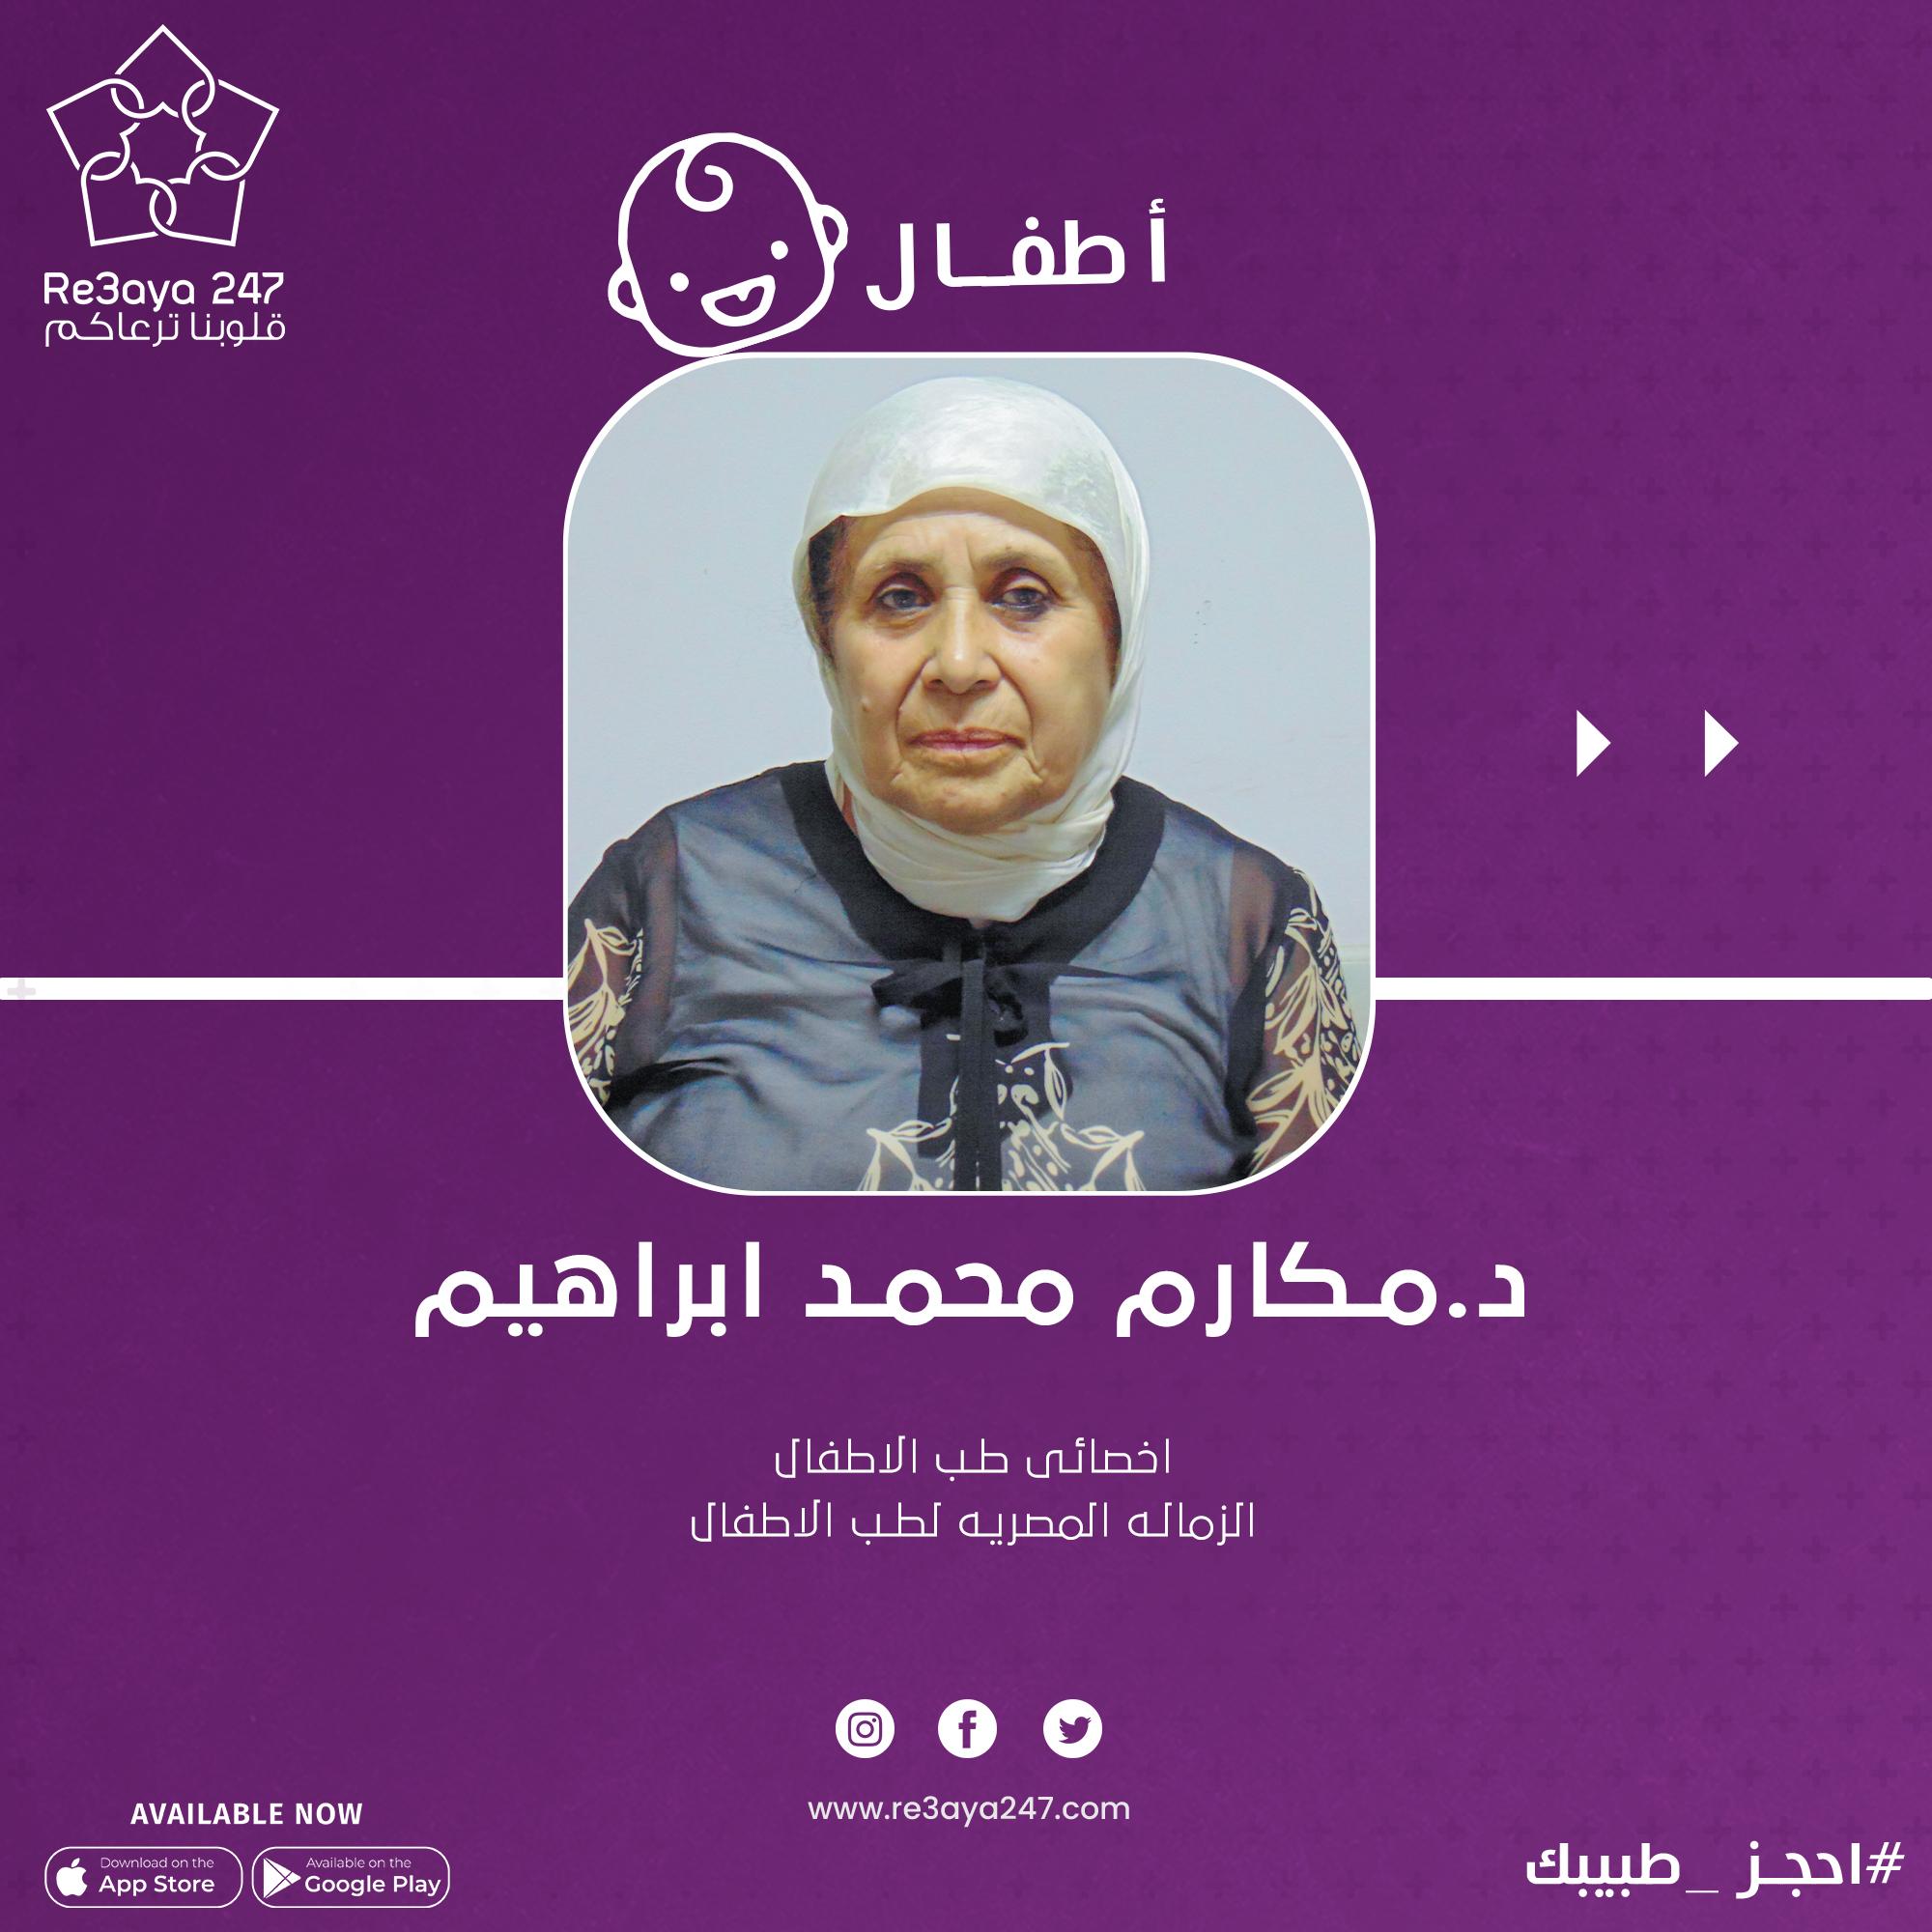 احجز مع د/مكارم محمد ابراهيم